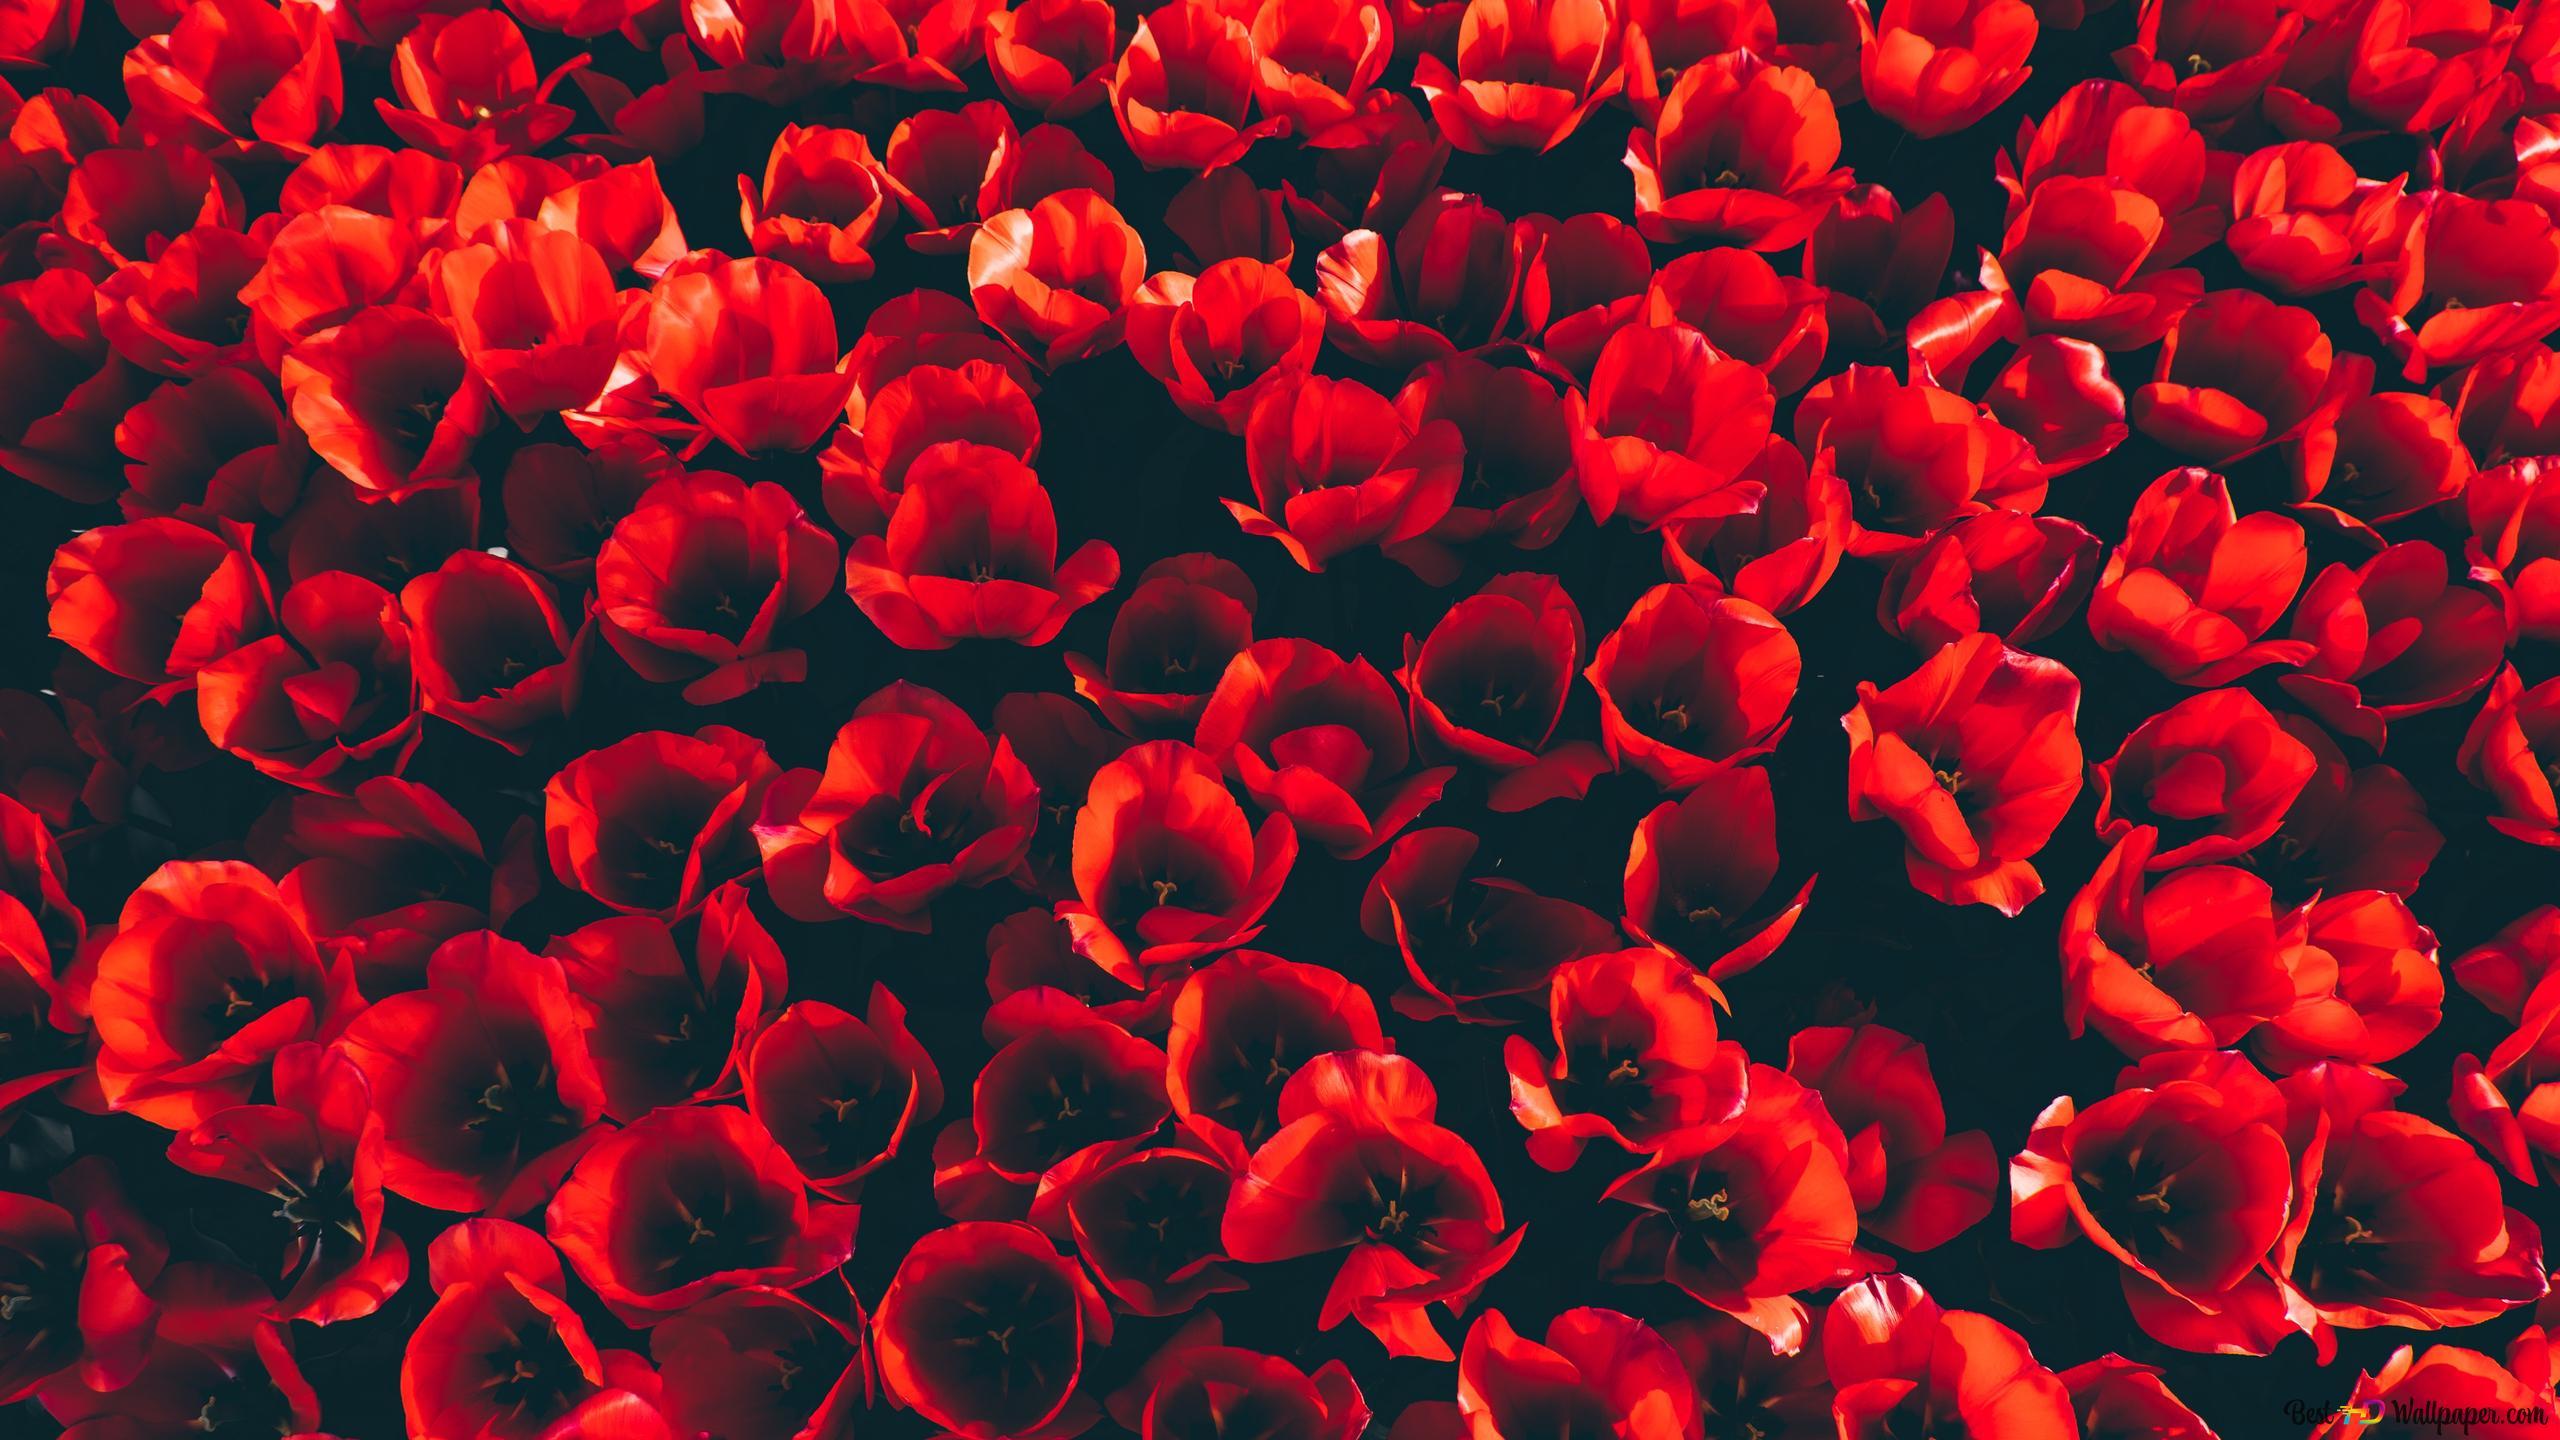 Buisson De Tulipes Rouges Hd Fond Décran Télécharger